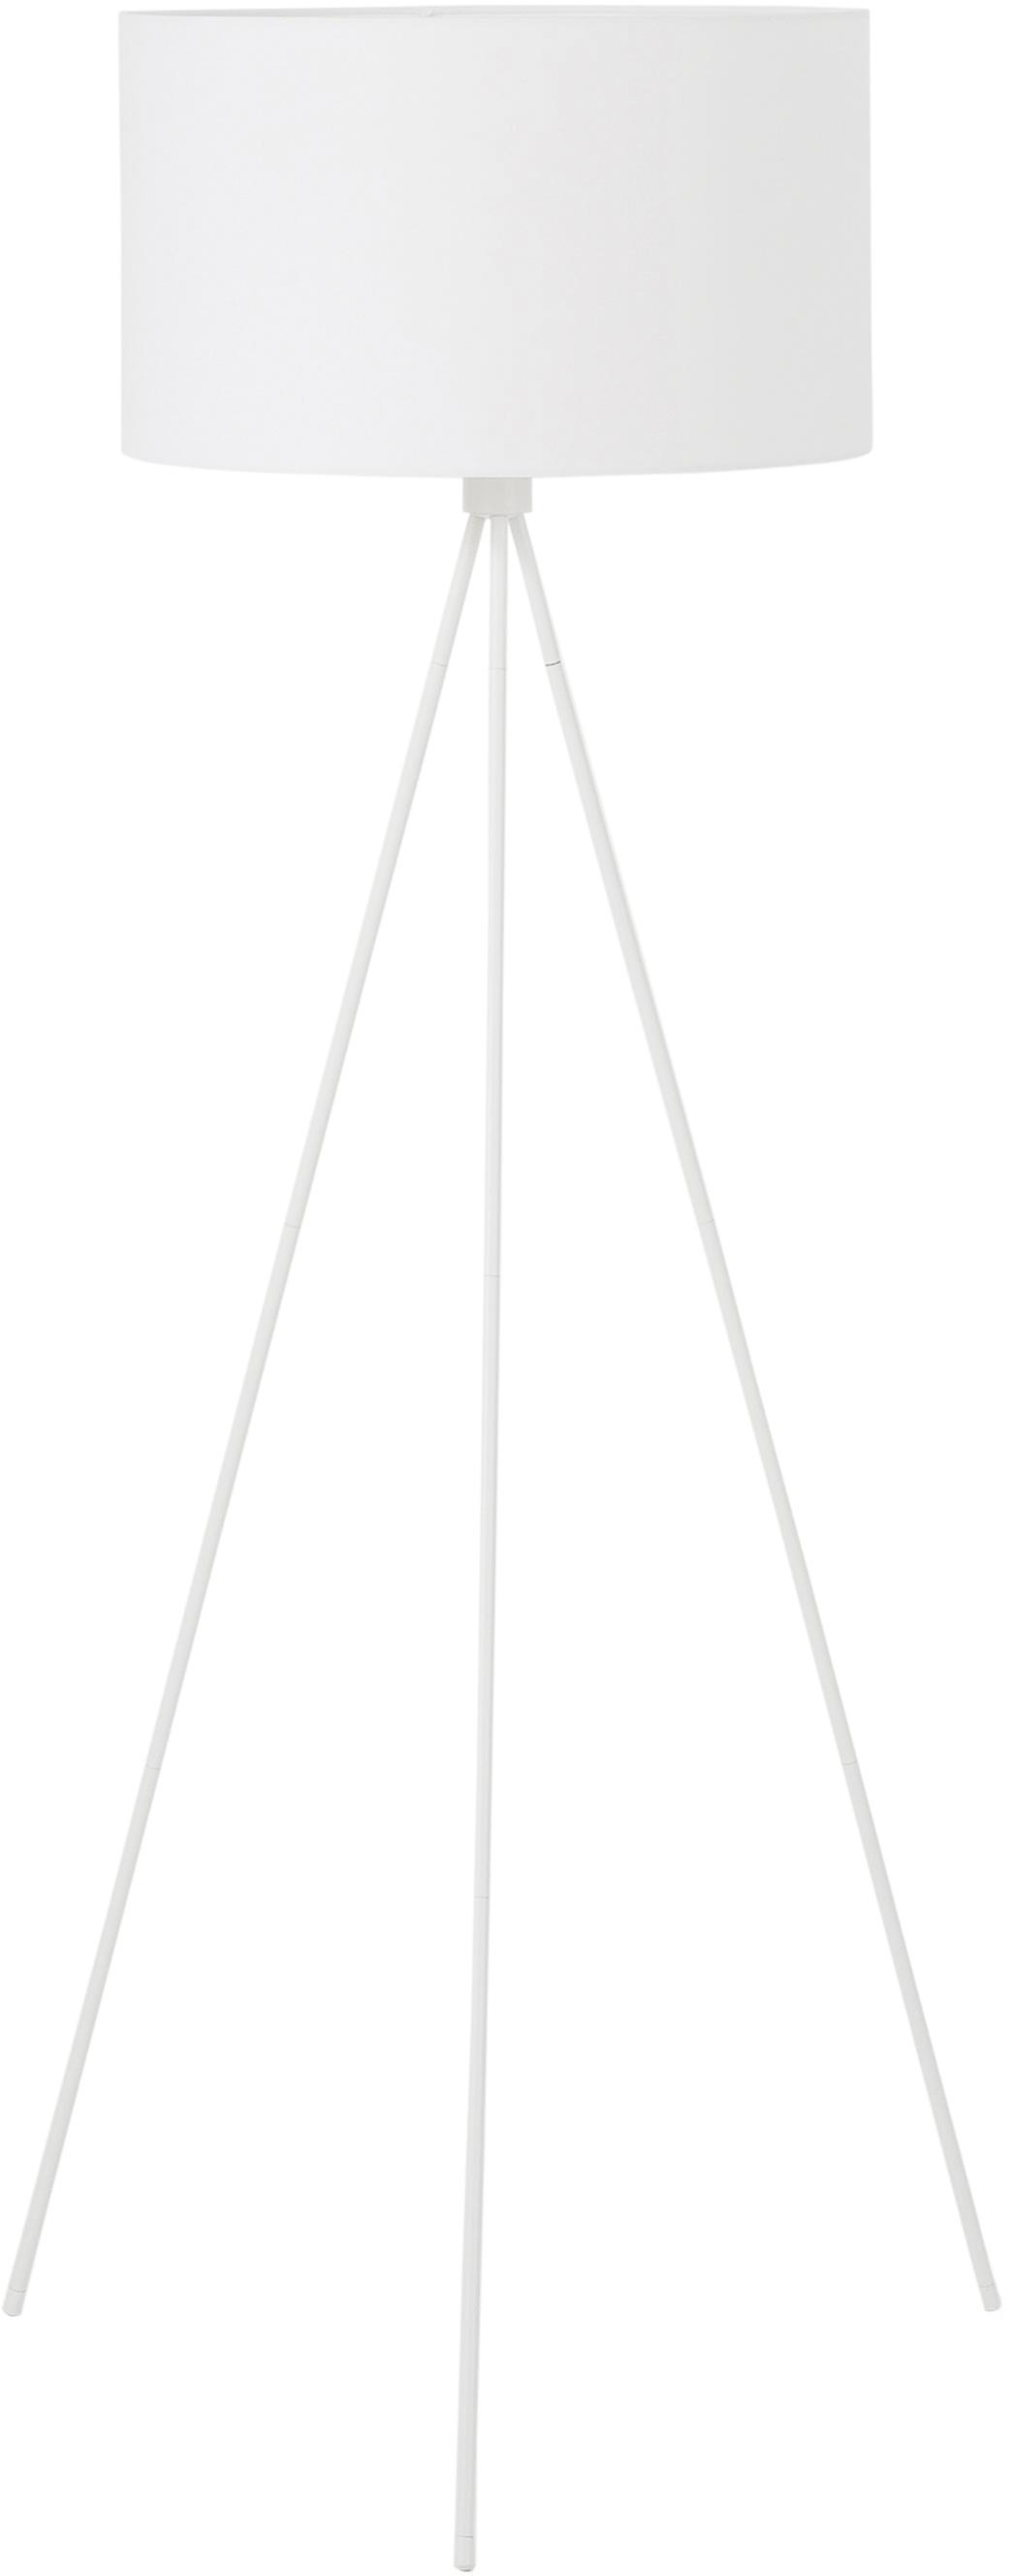 Lampada da terra Cella, Base della lampada: metallo verniciato a polv, Paralume: miscela di cotone, Bianco, Ø 48 x Alt. 158 cm